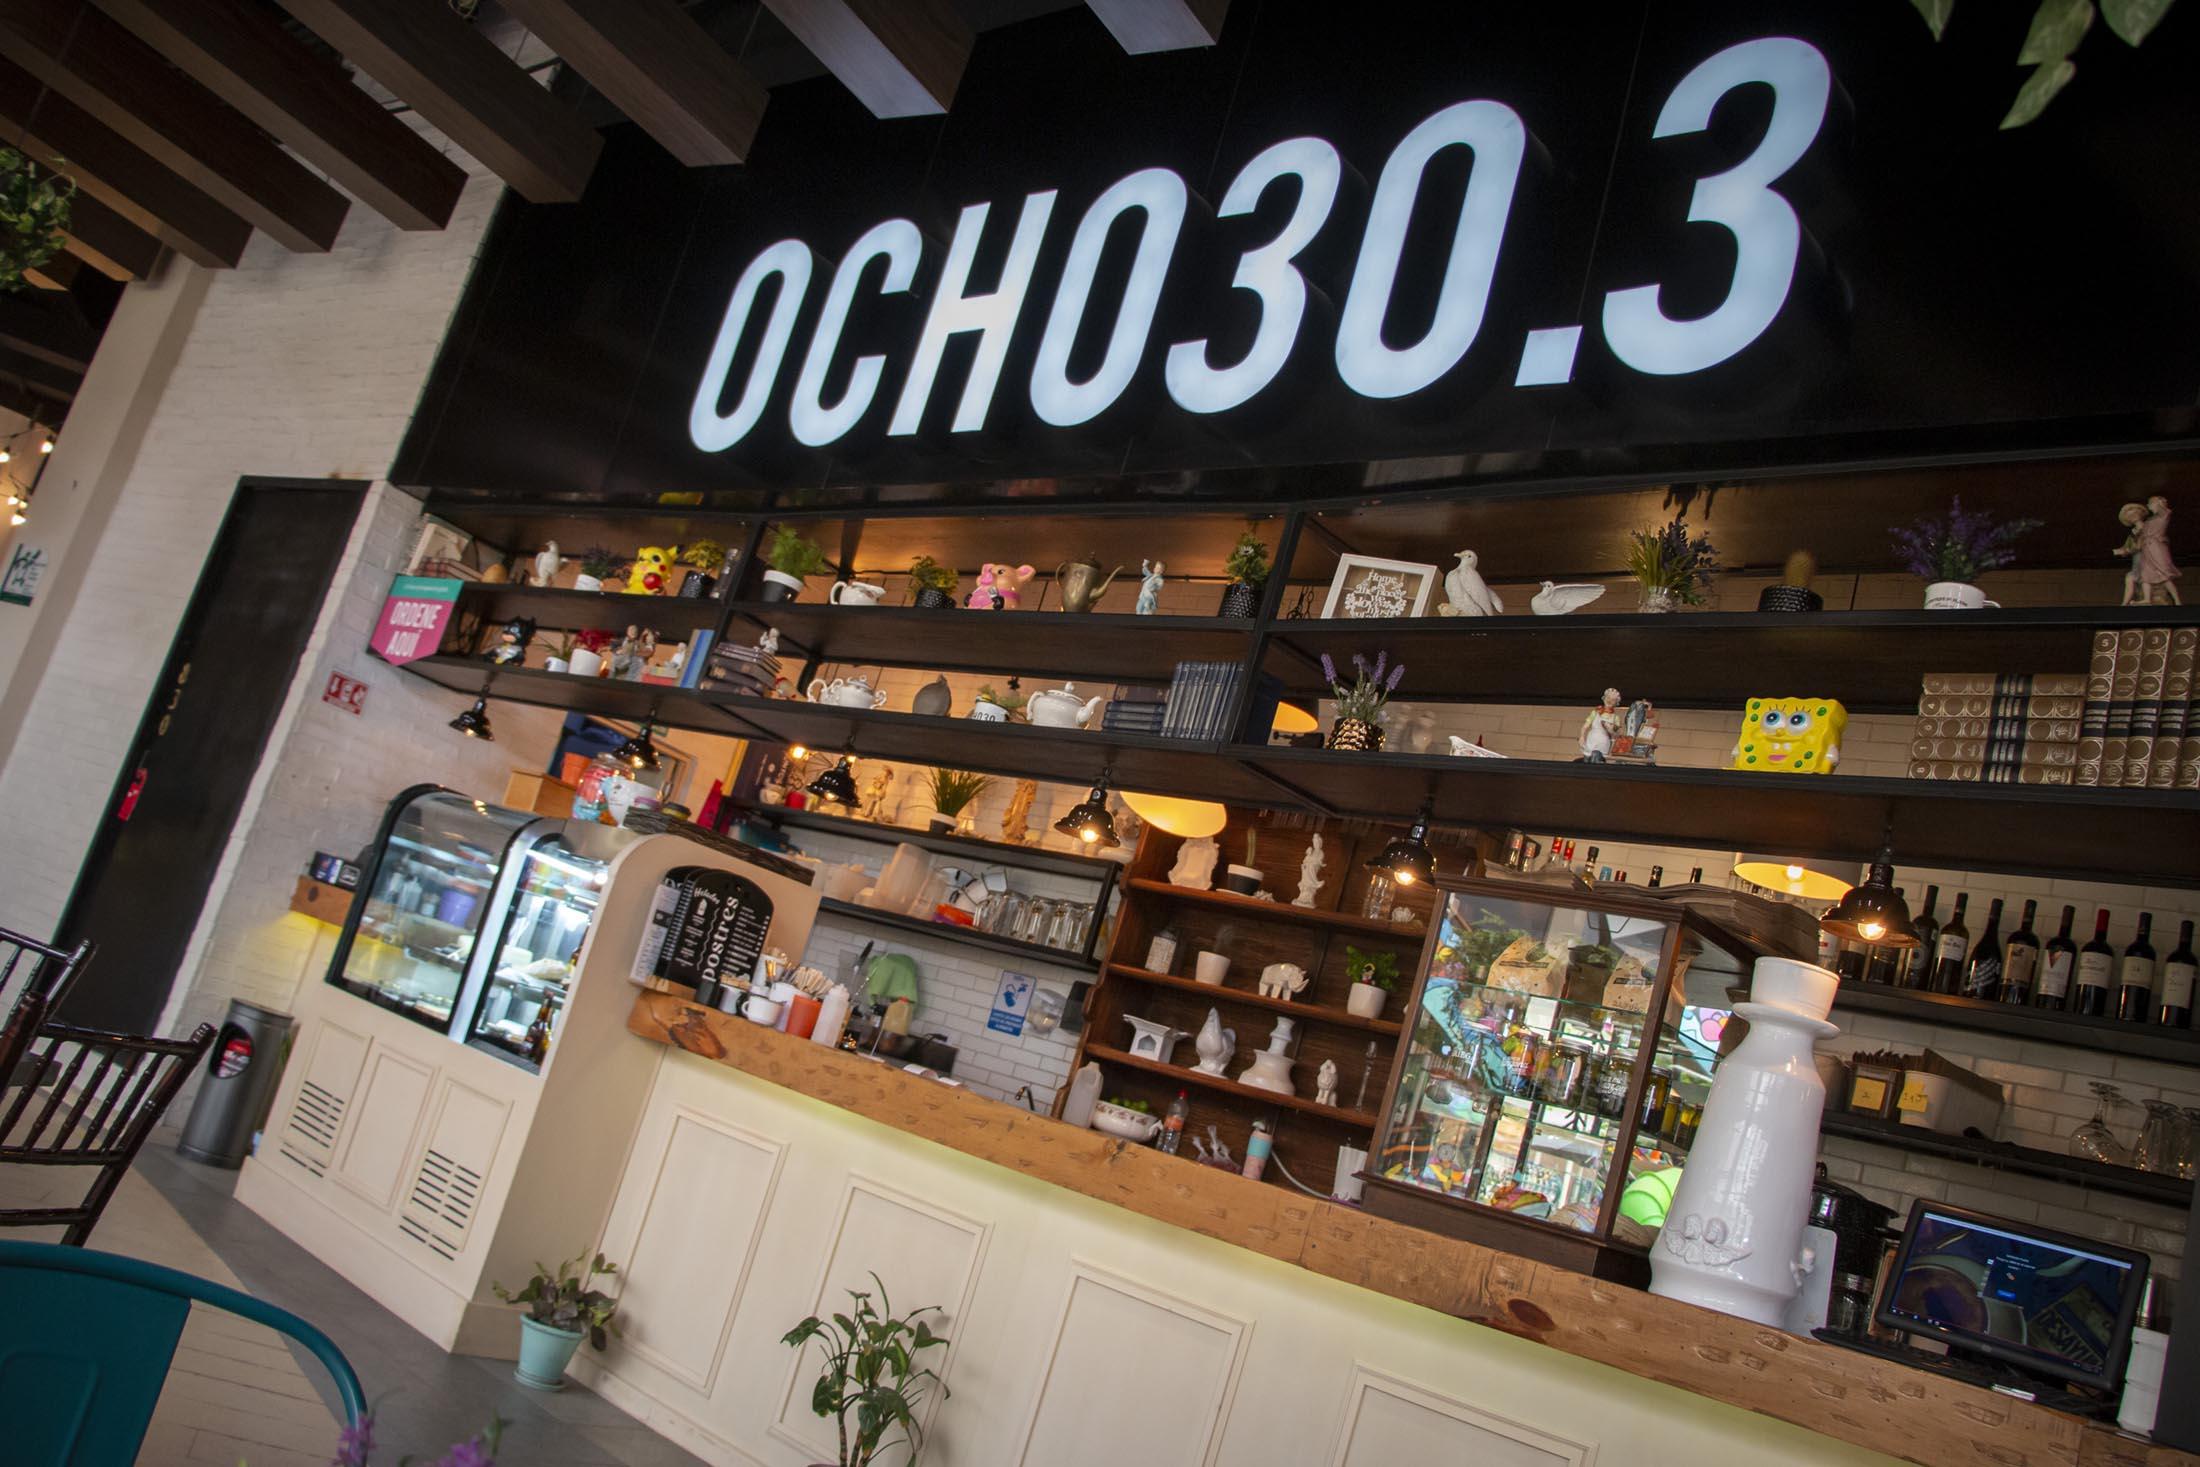 Galería 4 De Ocho30